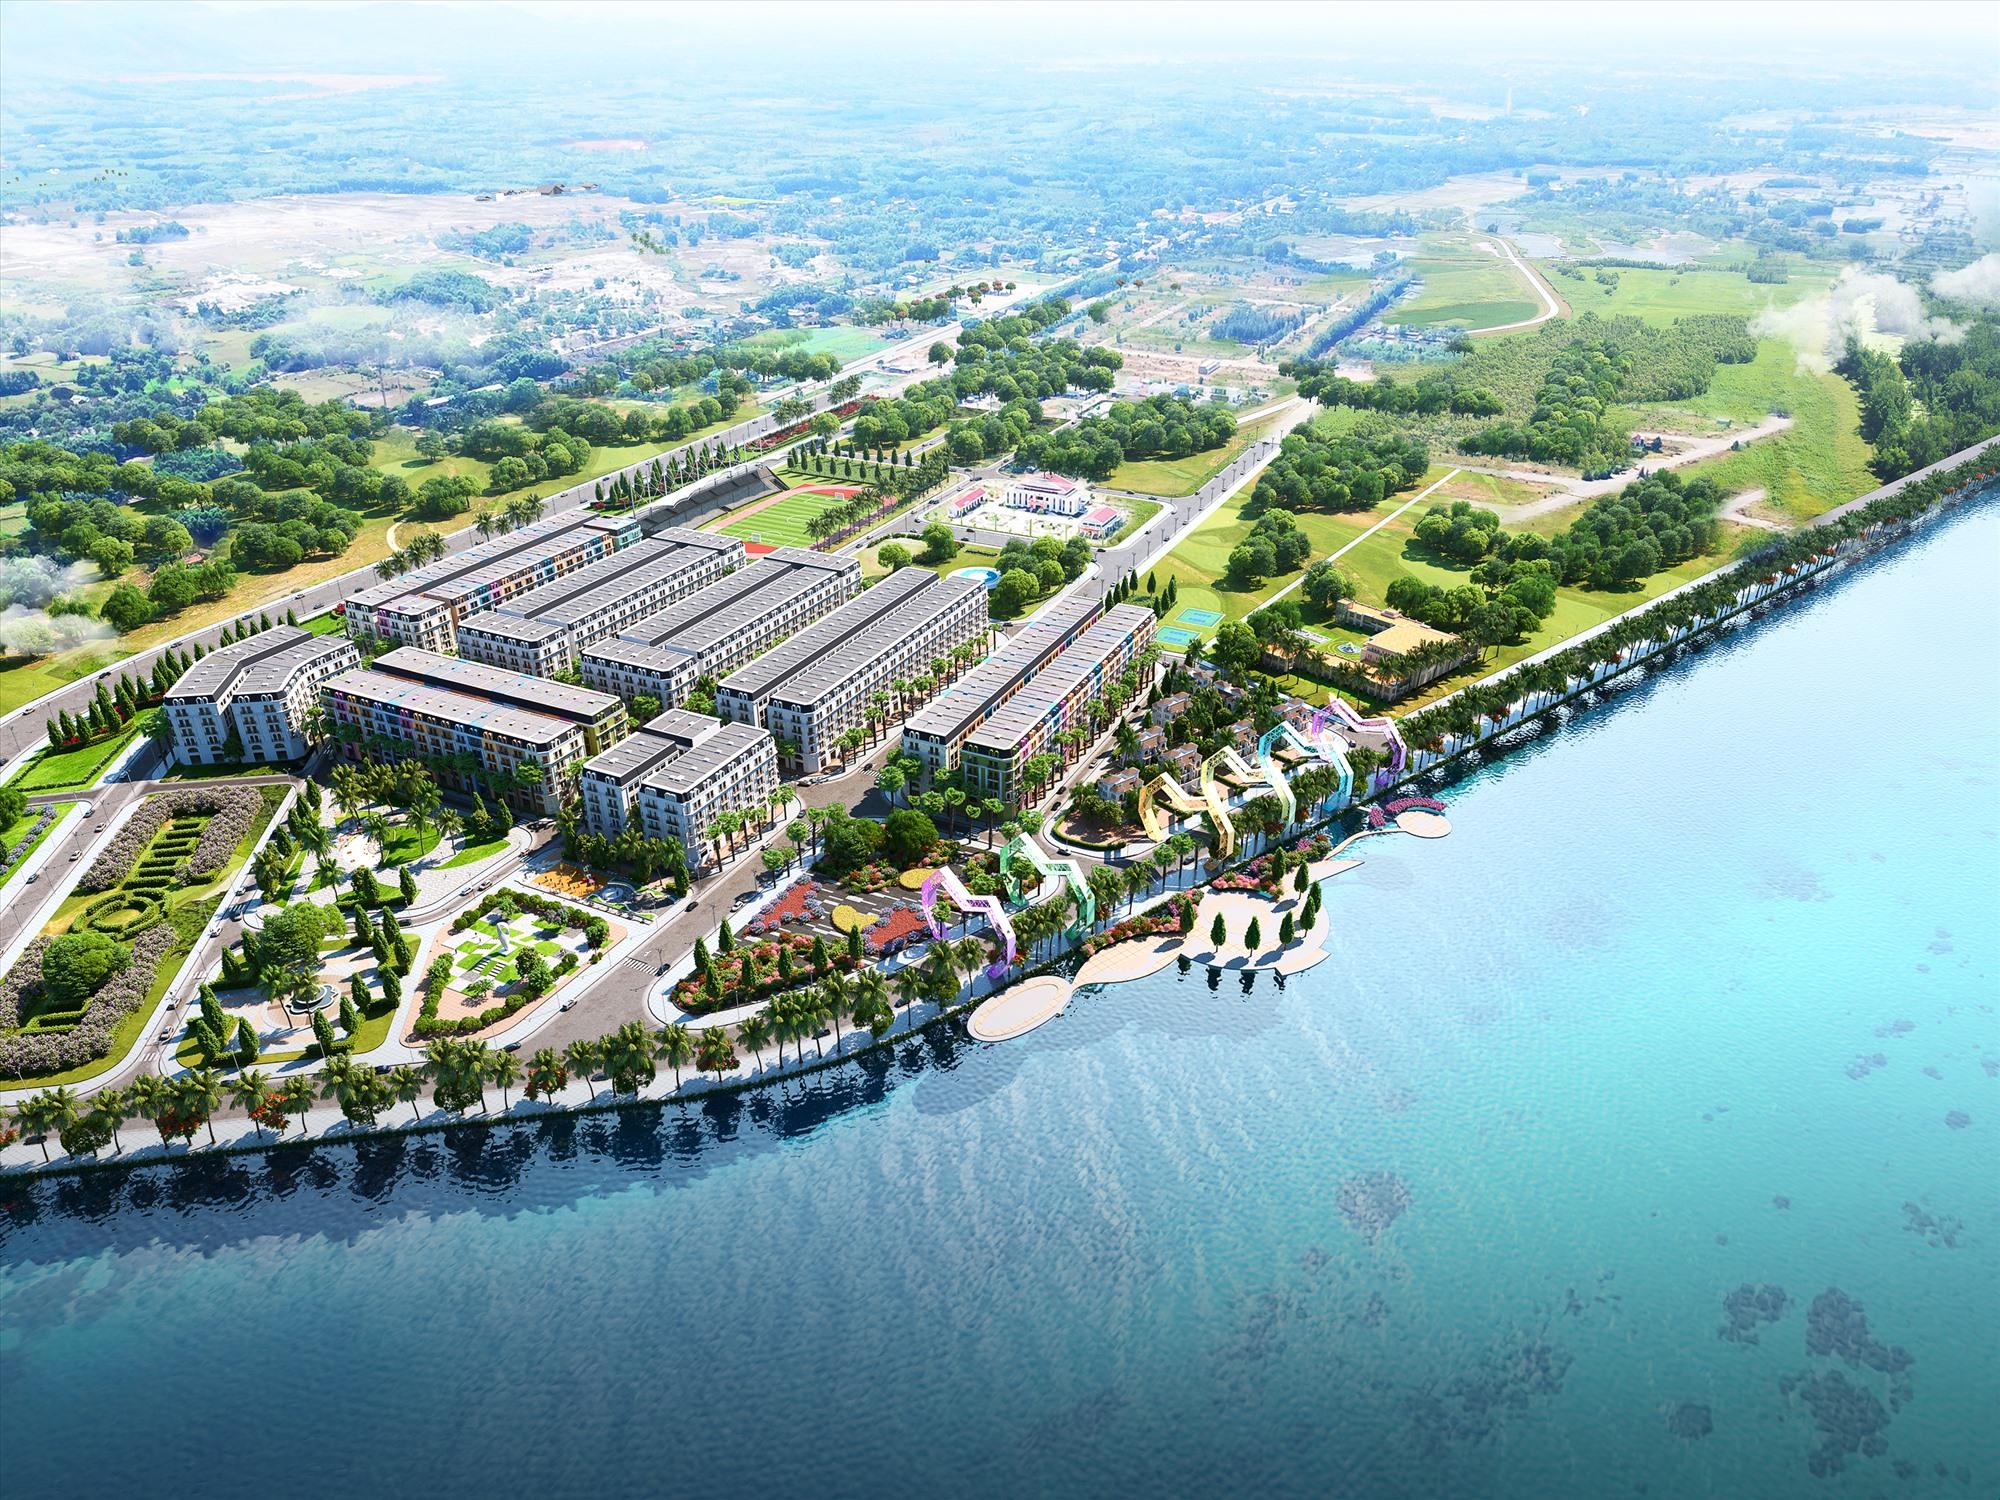 Việt Group Capital tiếp tục đầu tư dự án với các hạng mục phố đi bộ ven sông, chợ đêm